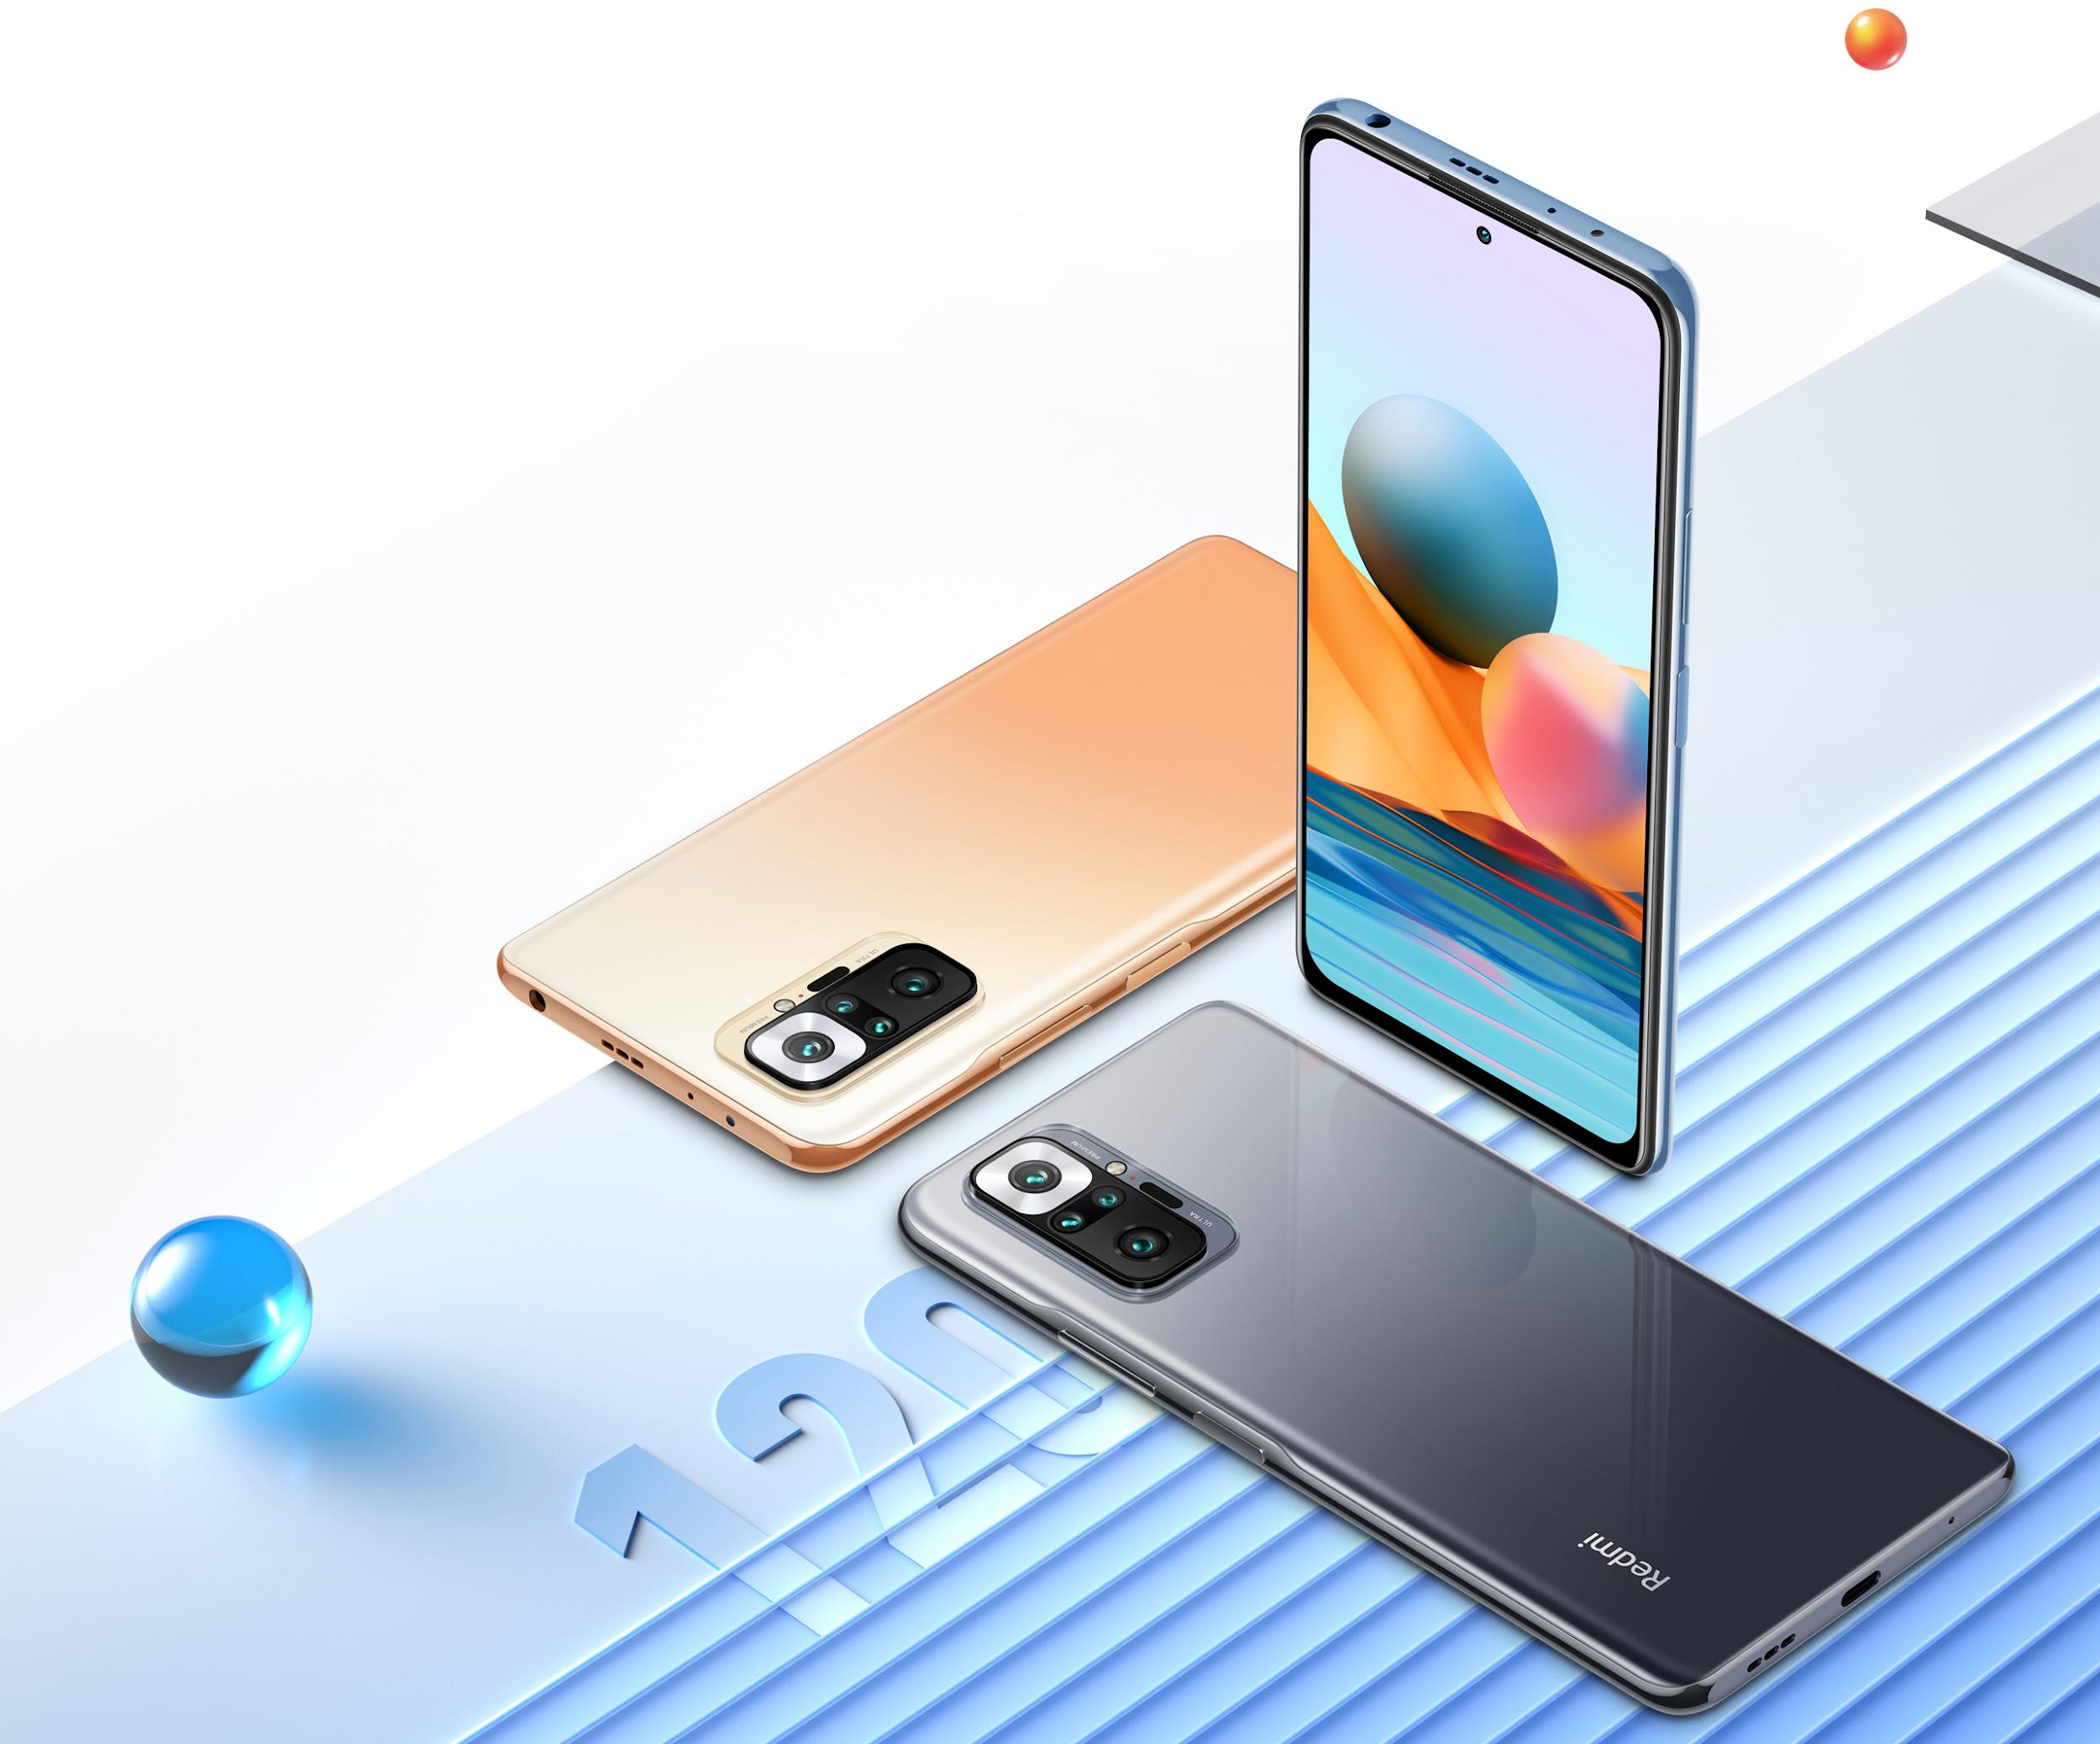 Xiaomi выпустит 5G-версию Redmi Note 10 Pro. Все характеристики устройства